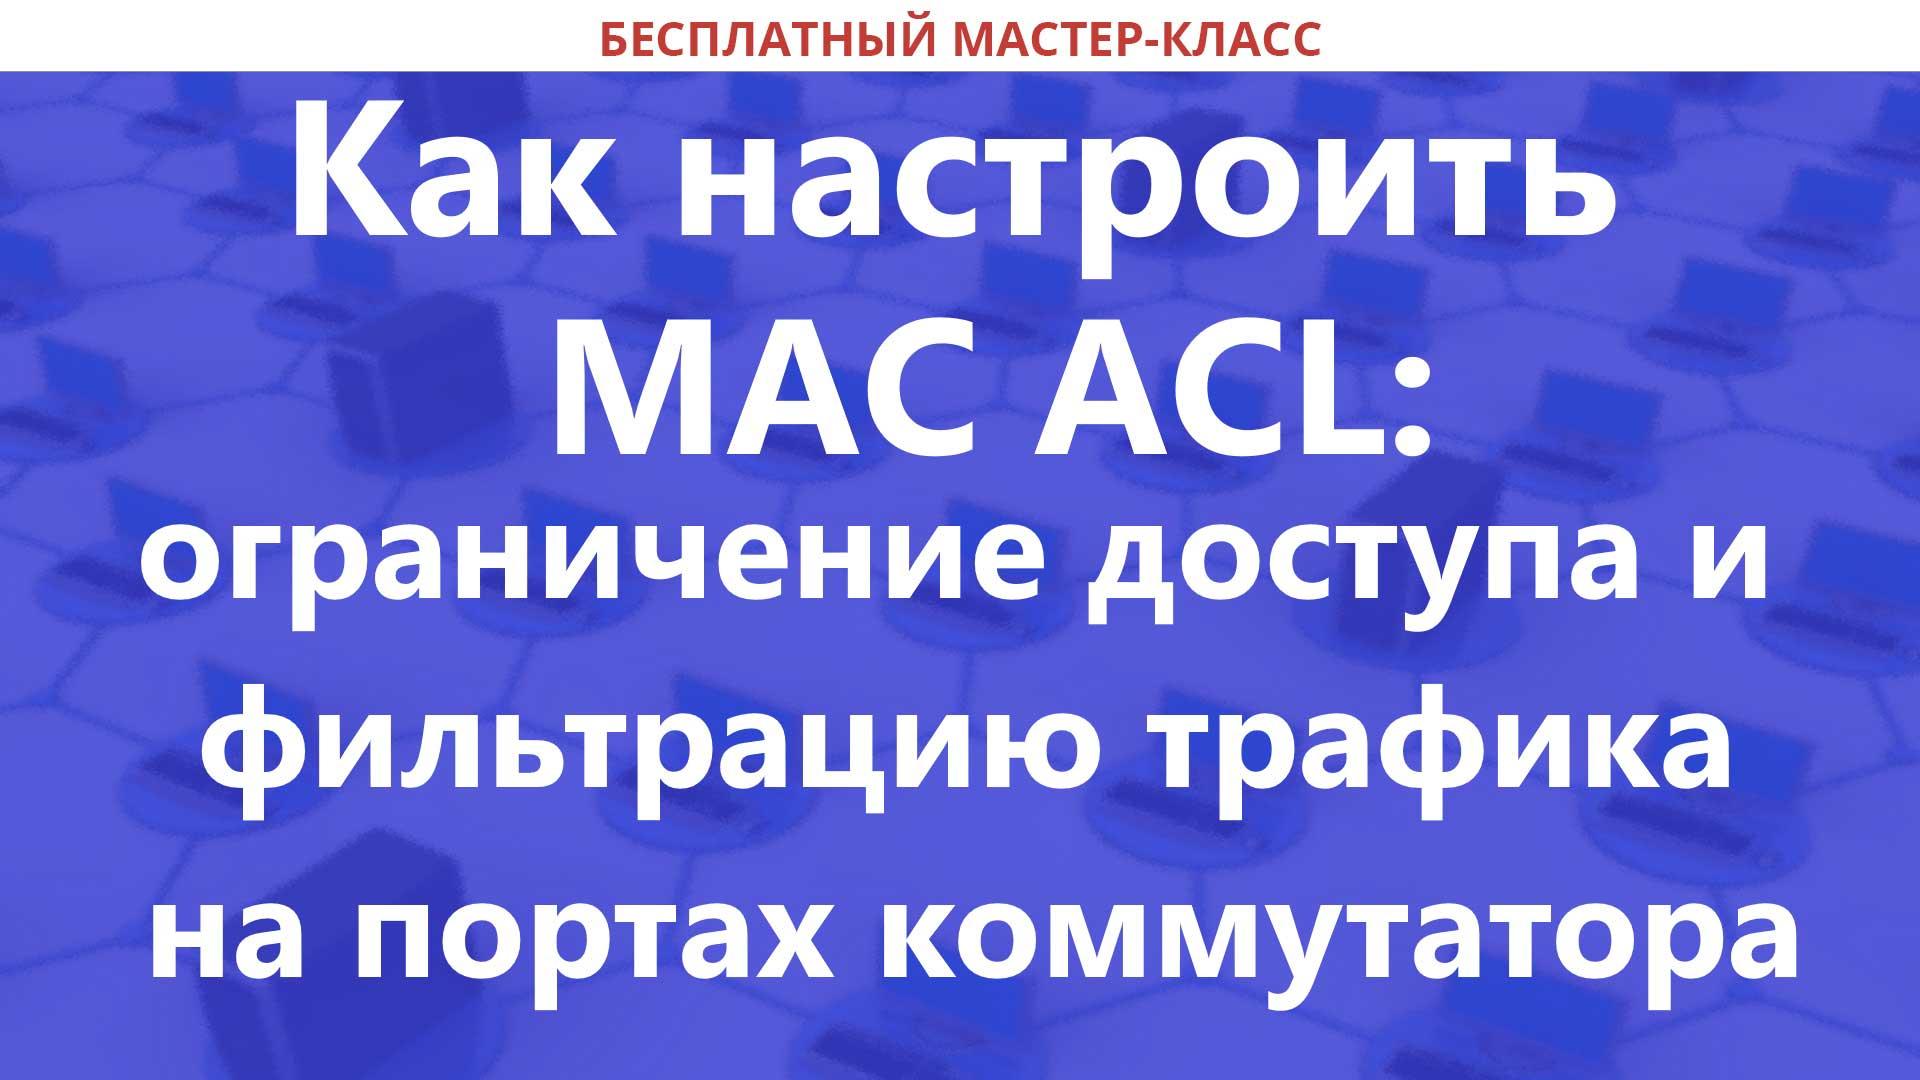 Как настроить MAC ACL: ограничение доступа и фильтрацию трафика на портах коммутатор